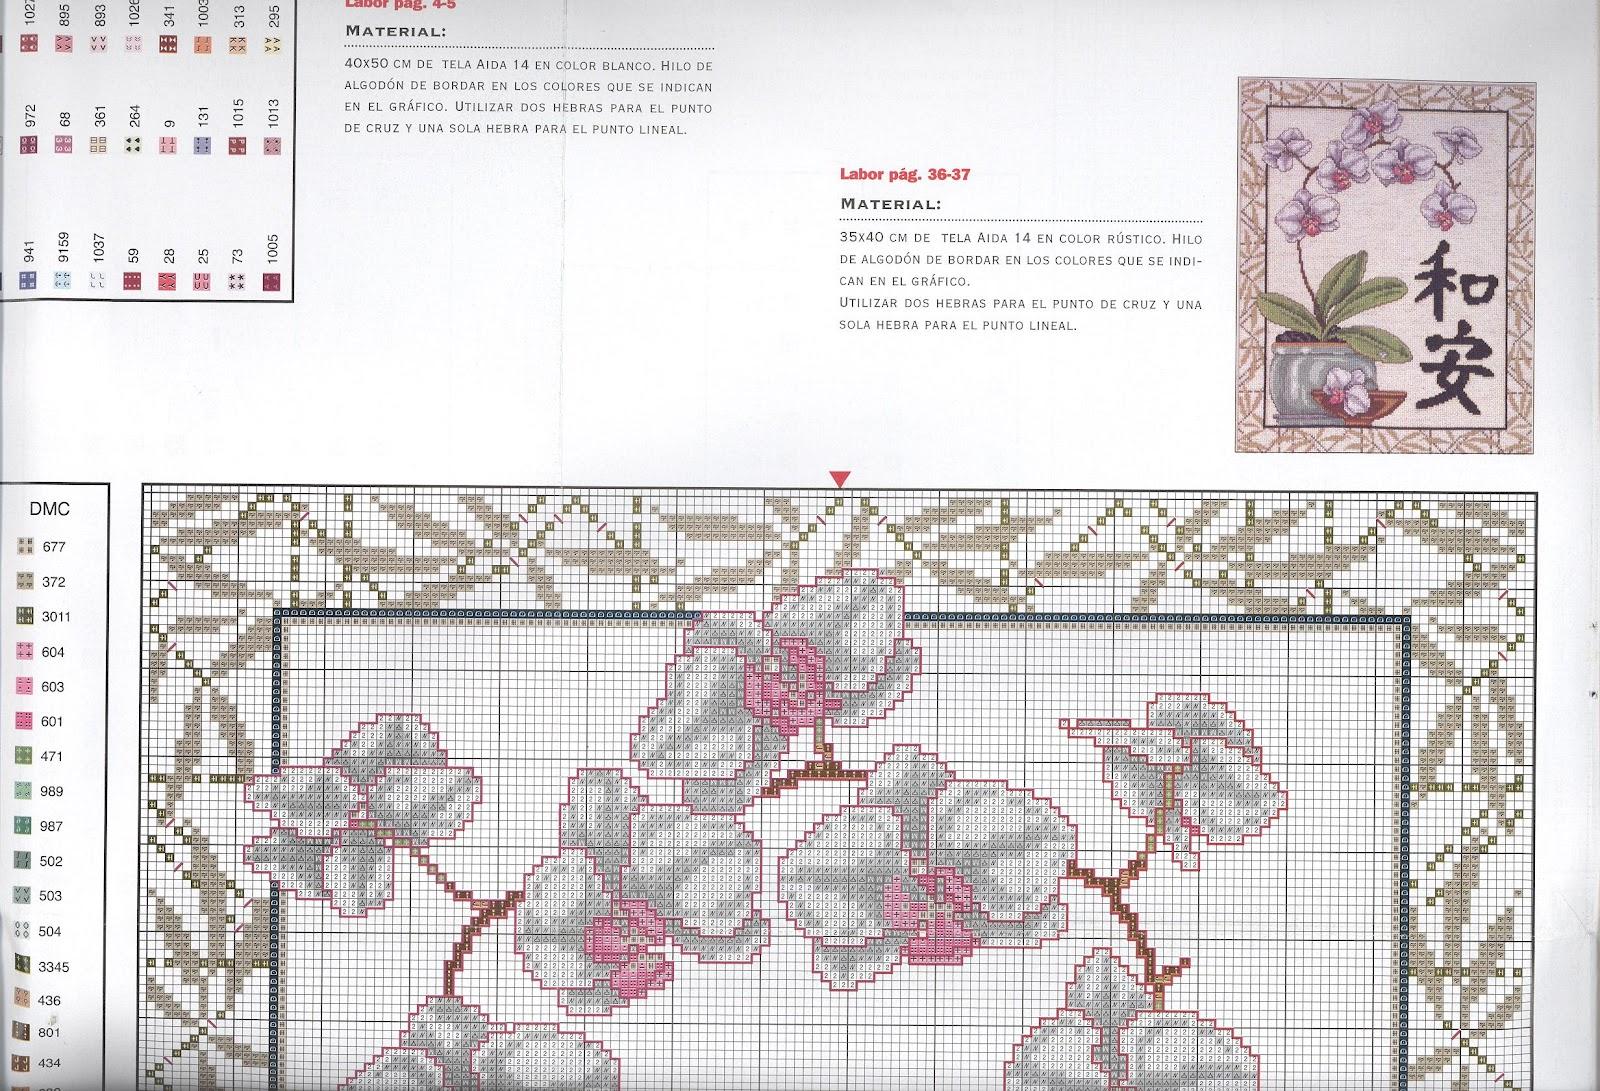 Hoje vasculhando o pc do meu marido, o qual tenho usado nos últimos dias, encontrei esse gráfico lindo desse quadro de orquídeas com ideogramas,